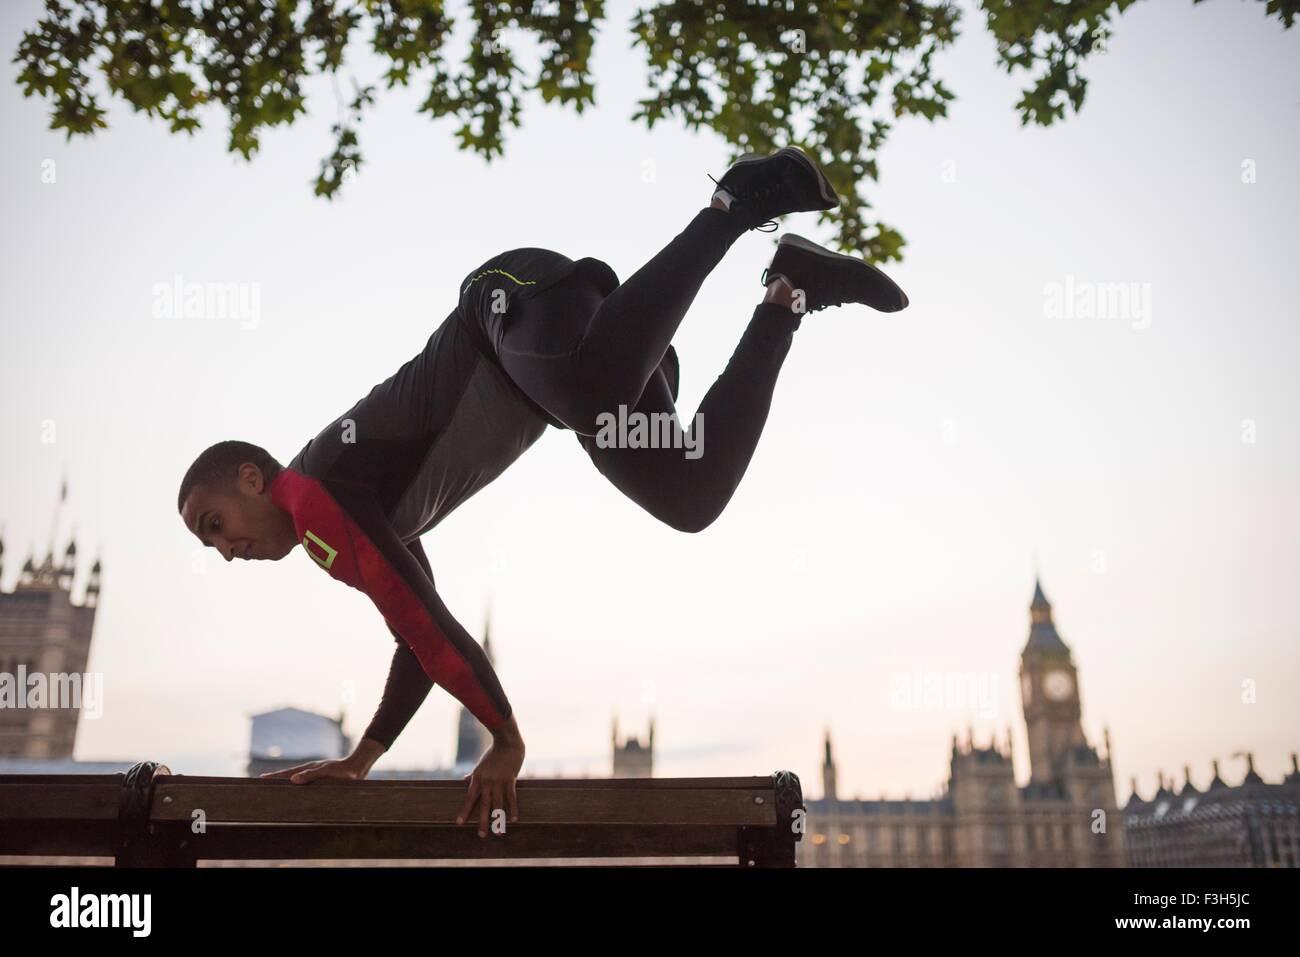 Joven saltando sobre un banco del parque en el Southbank, Londres, Reino Unido. Imagen De Stock